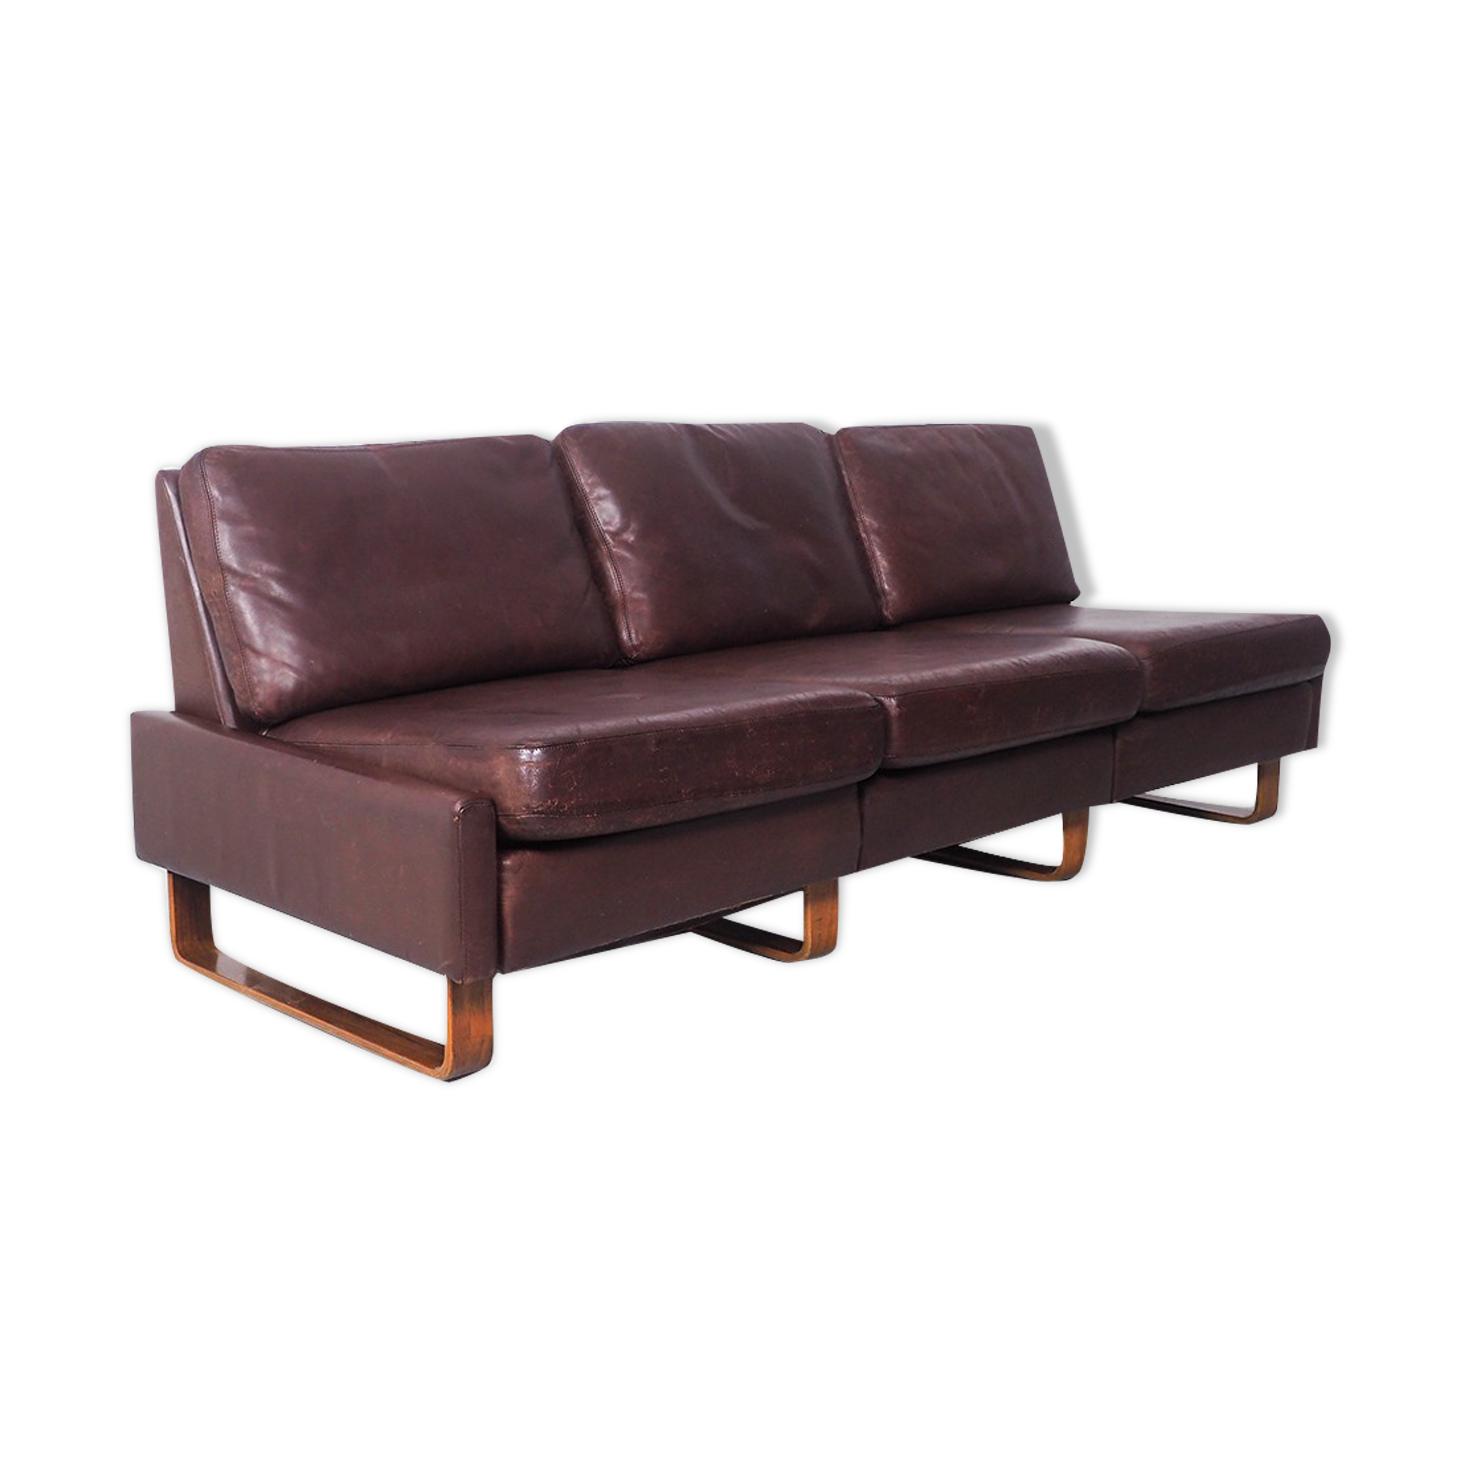 Canapé en cuir Conseta 2 places de COR, années 1960